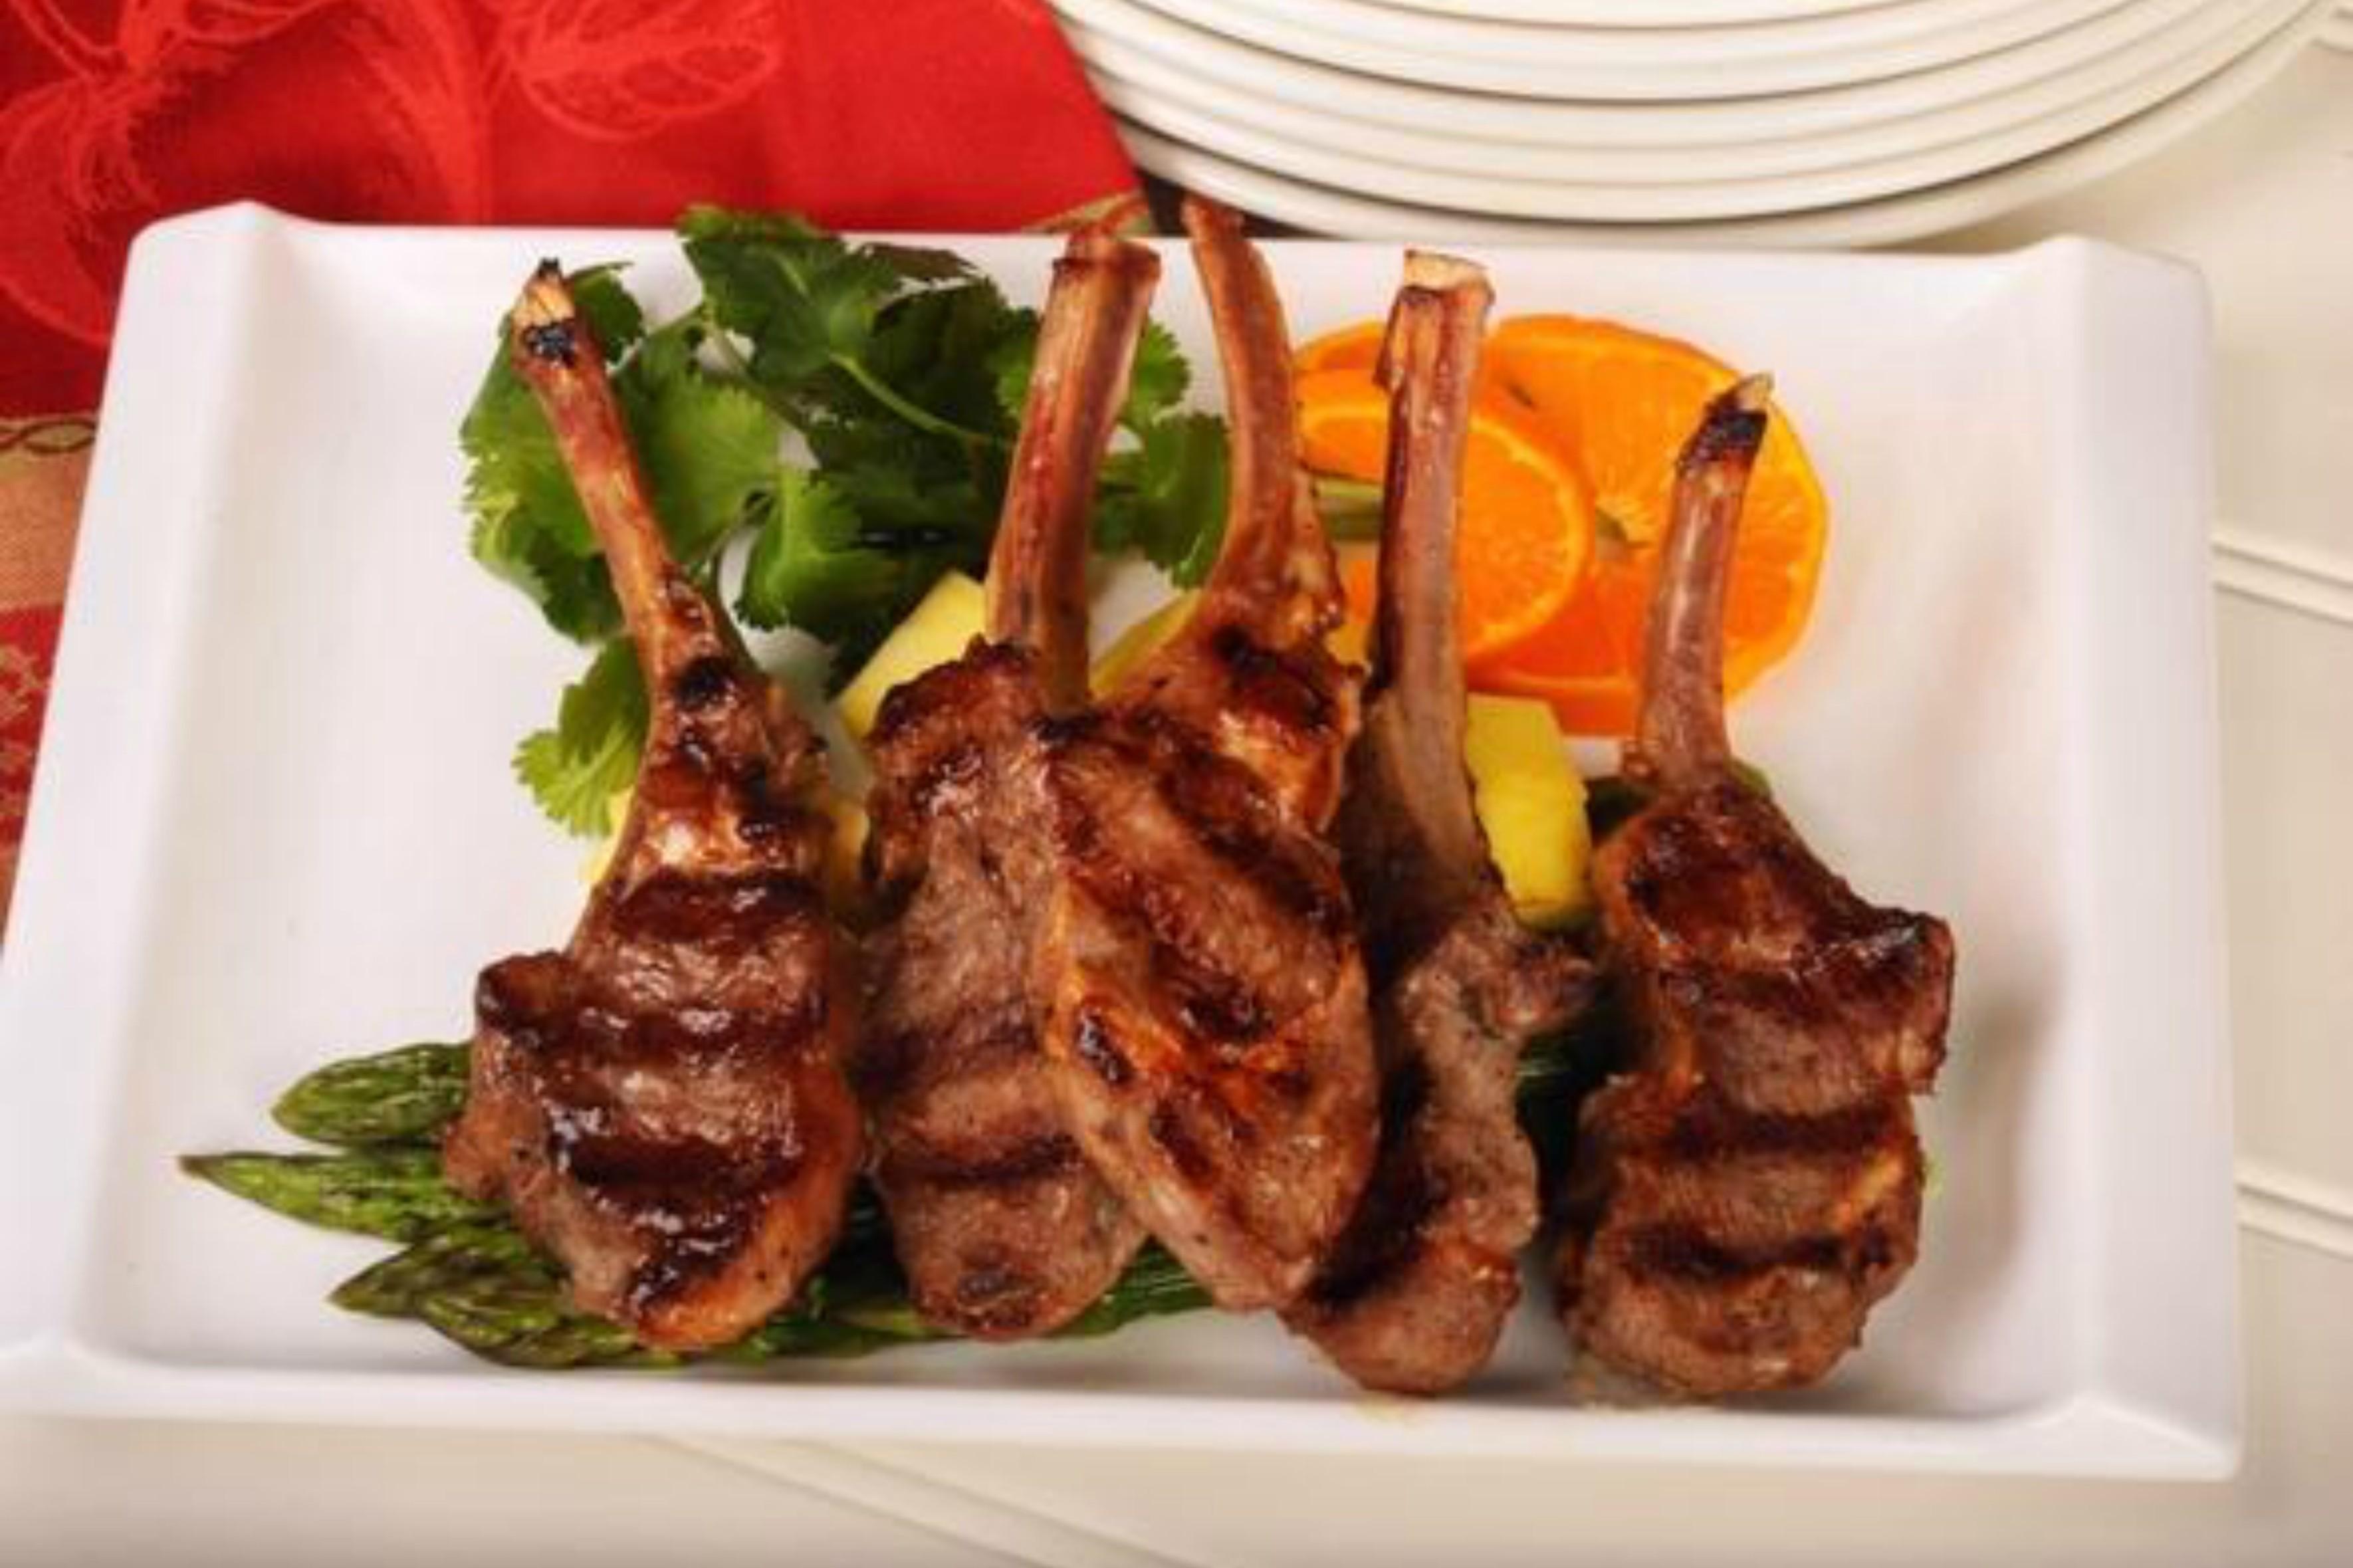 Sapori e profumi tutti italiani: alla scoperta dei piatti tipici del nostro Centro Italia